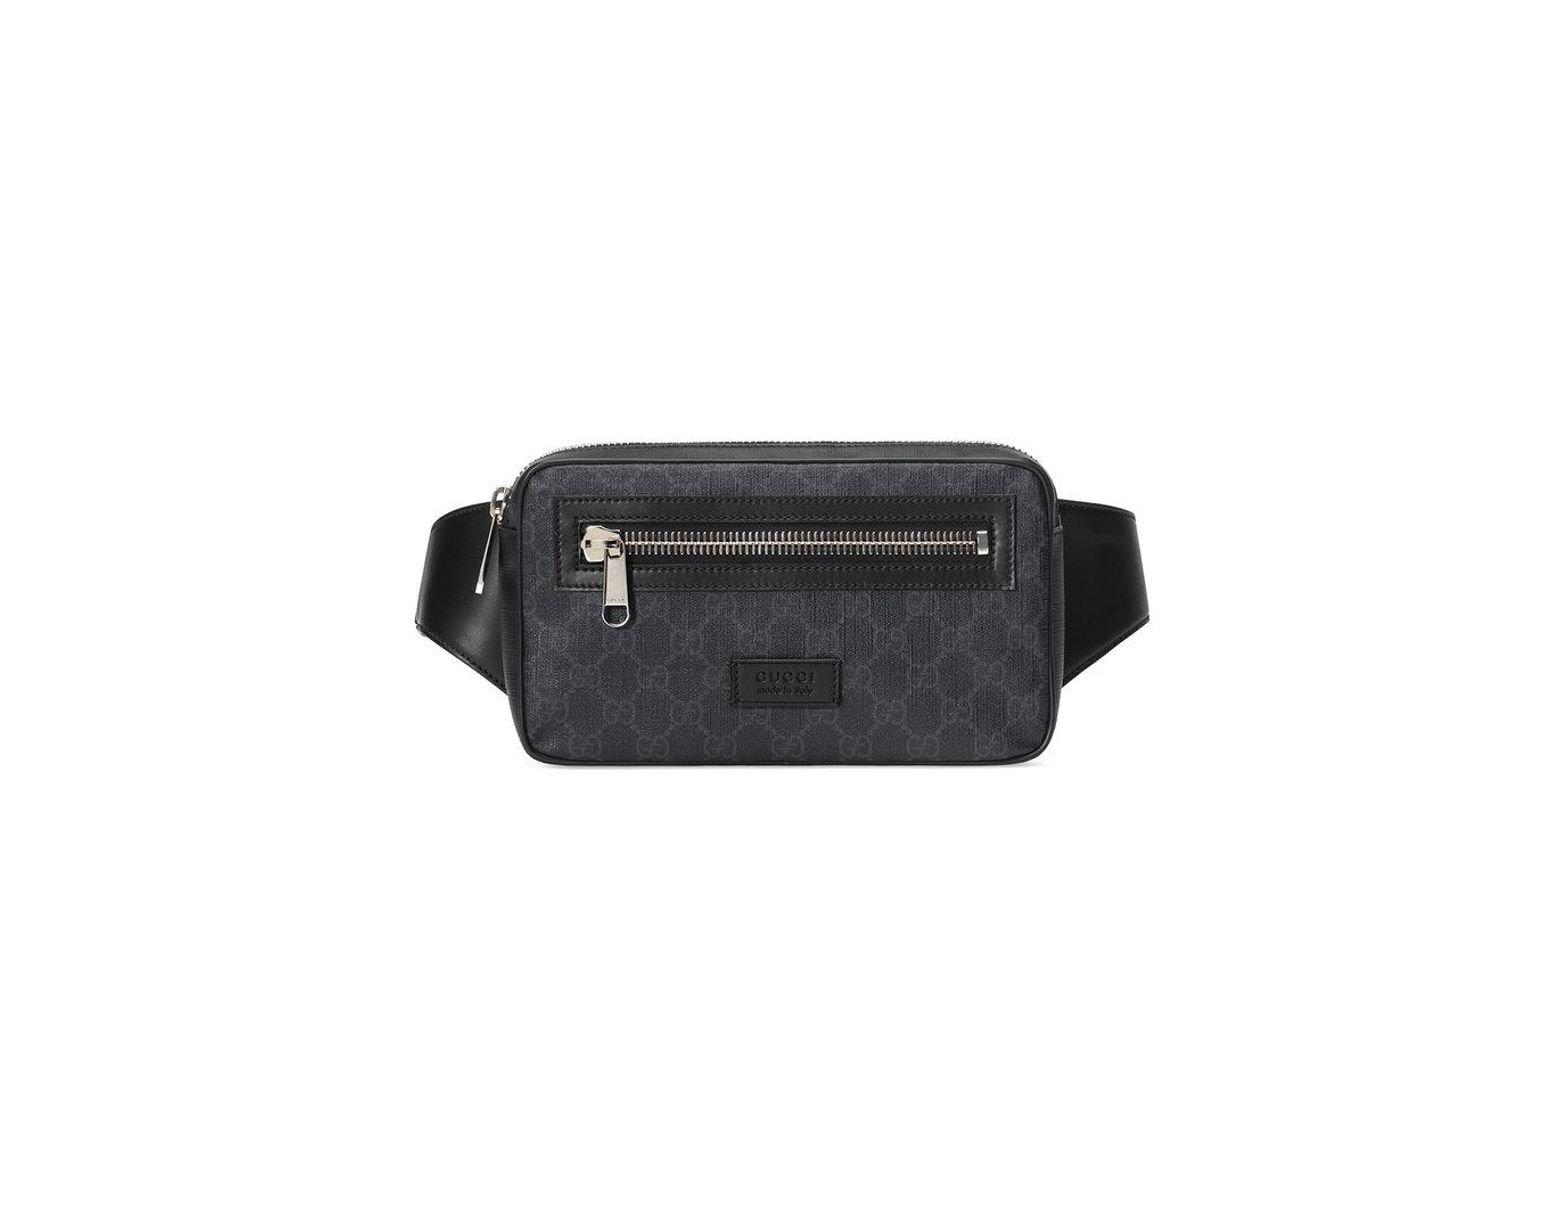 53e34a3501 Sac ceinture en toile suprême GG souple Gucci pour homme en coloris Noir -  Lyst